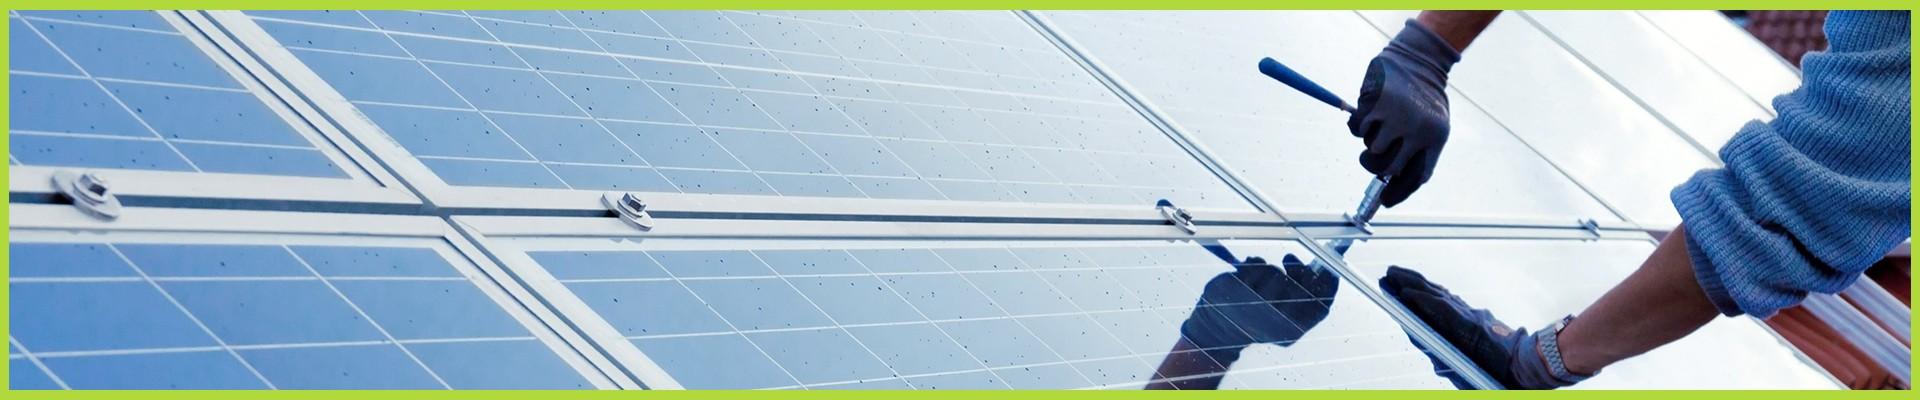 DIY RV Solar Panel Installation. RV World Blog